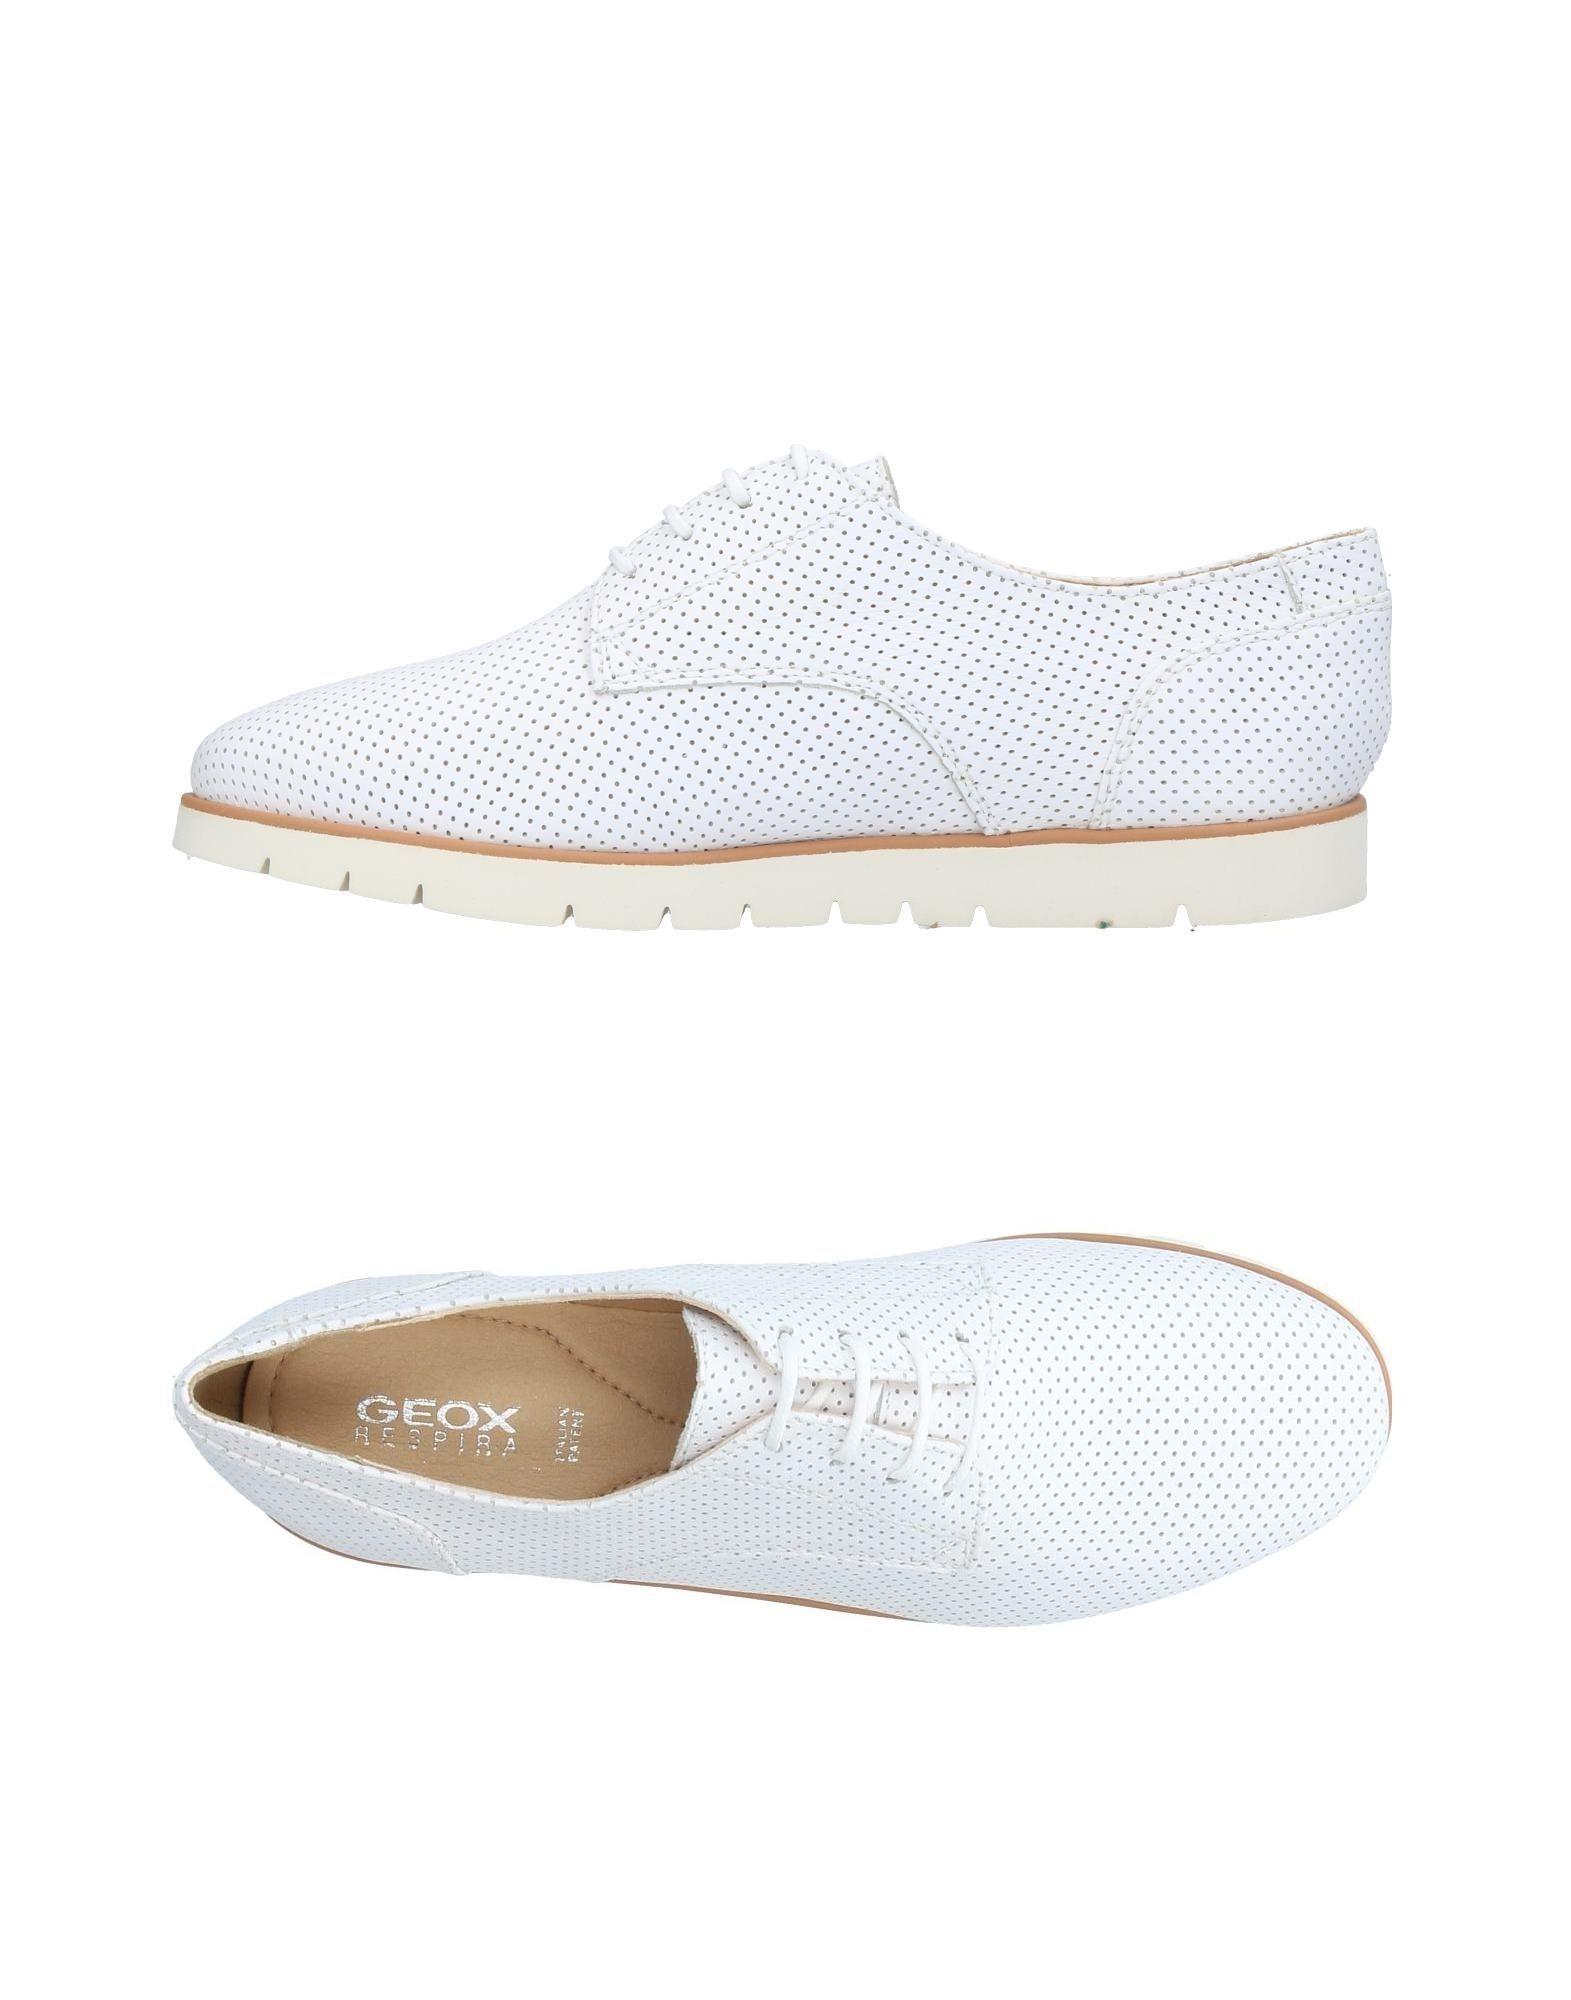 Geox Schnürschuhe Qualität Damen  11392414NX Gute Qualität Schnürschuhe beliebte Schuhe 378f1a